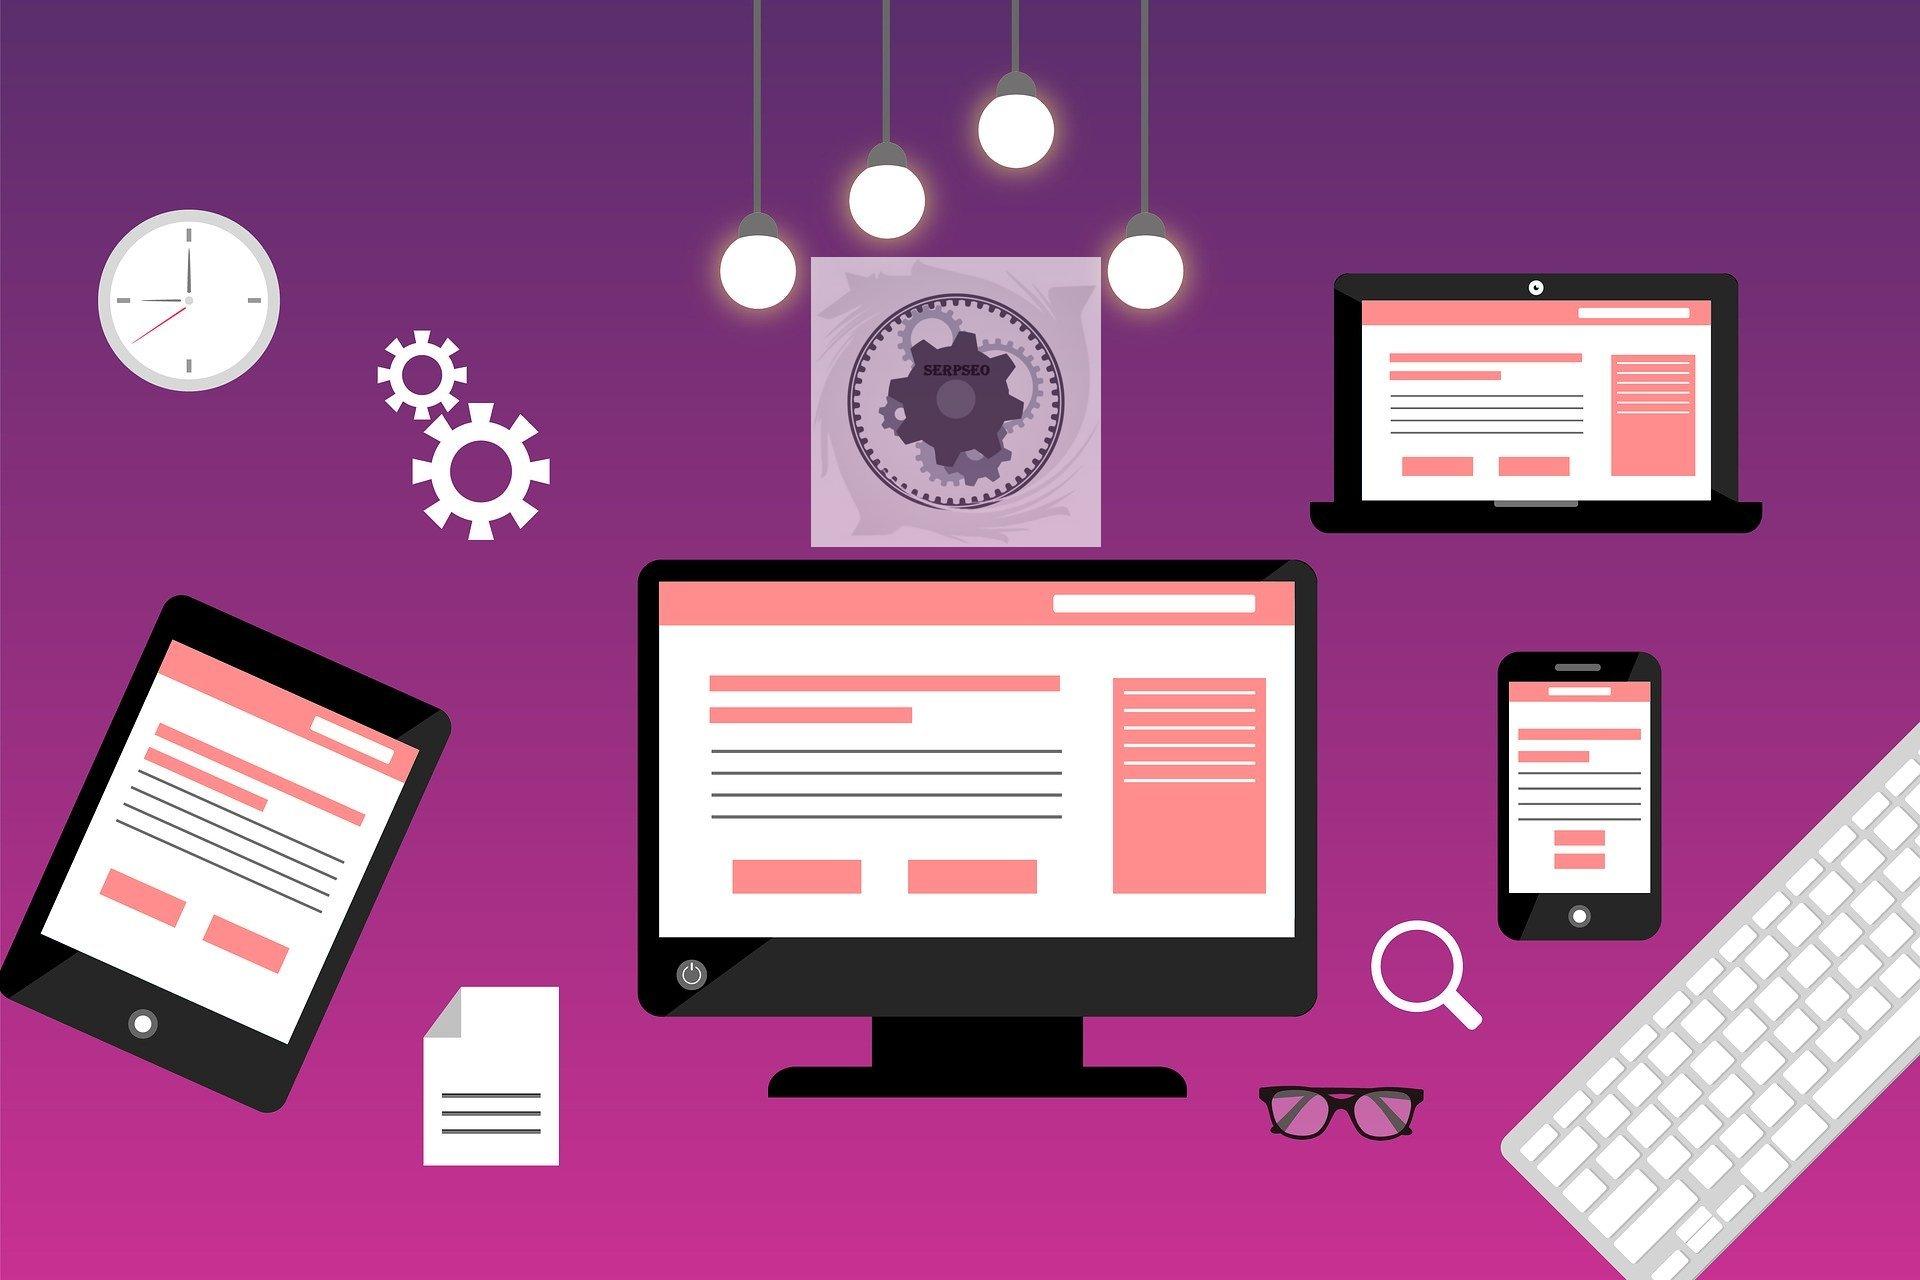 Сайт Для Заработка Создание оптимизация продвижение сайтов Екатеринбг Serpseo